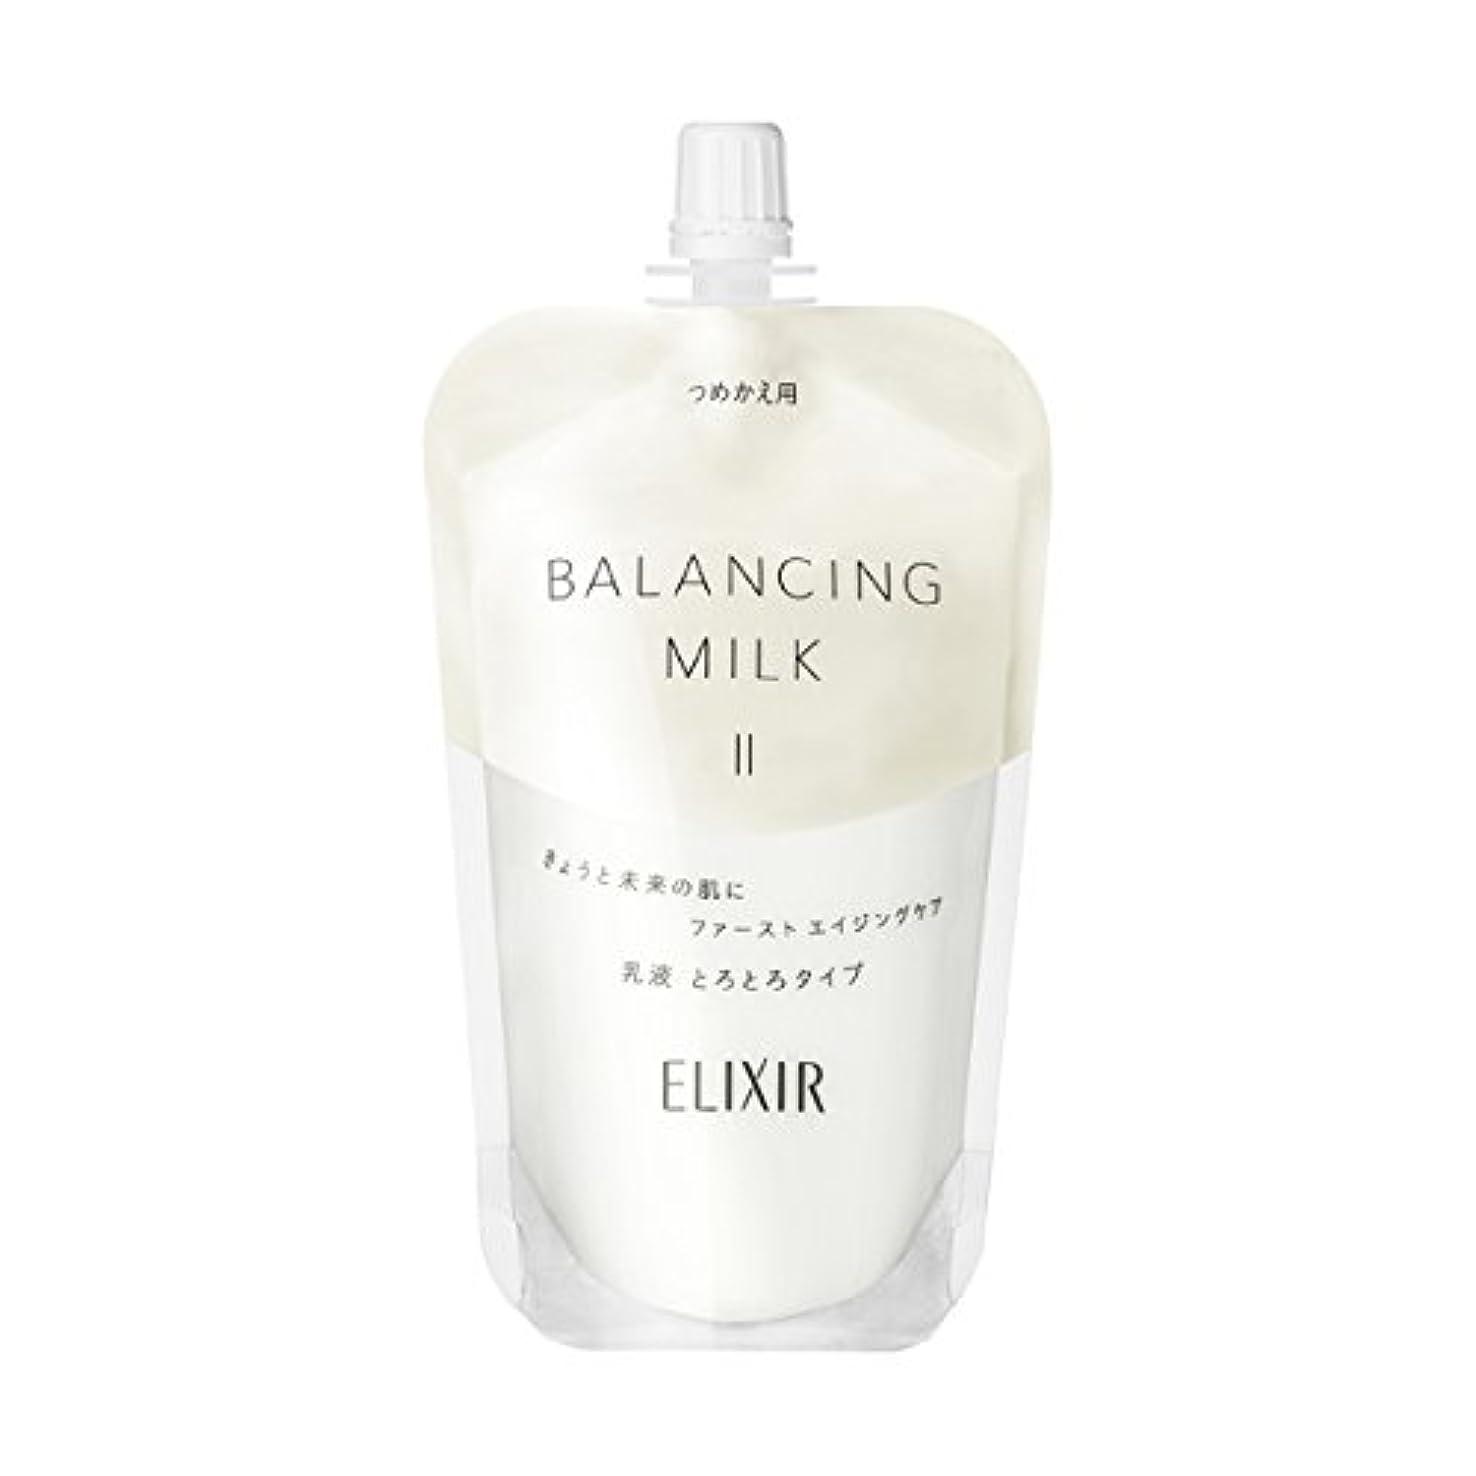 今後一般的に言えば申請者エリクシール ルフレ バランシング ミルク 乳液 2 (とろとろタイプ) (つめかえ用) 110mL